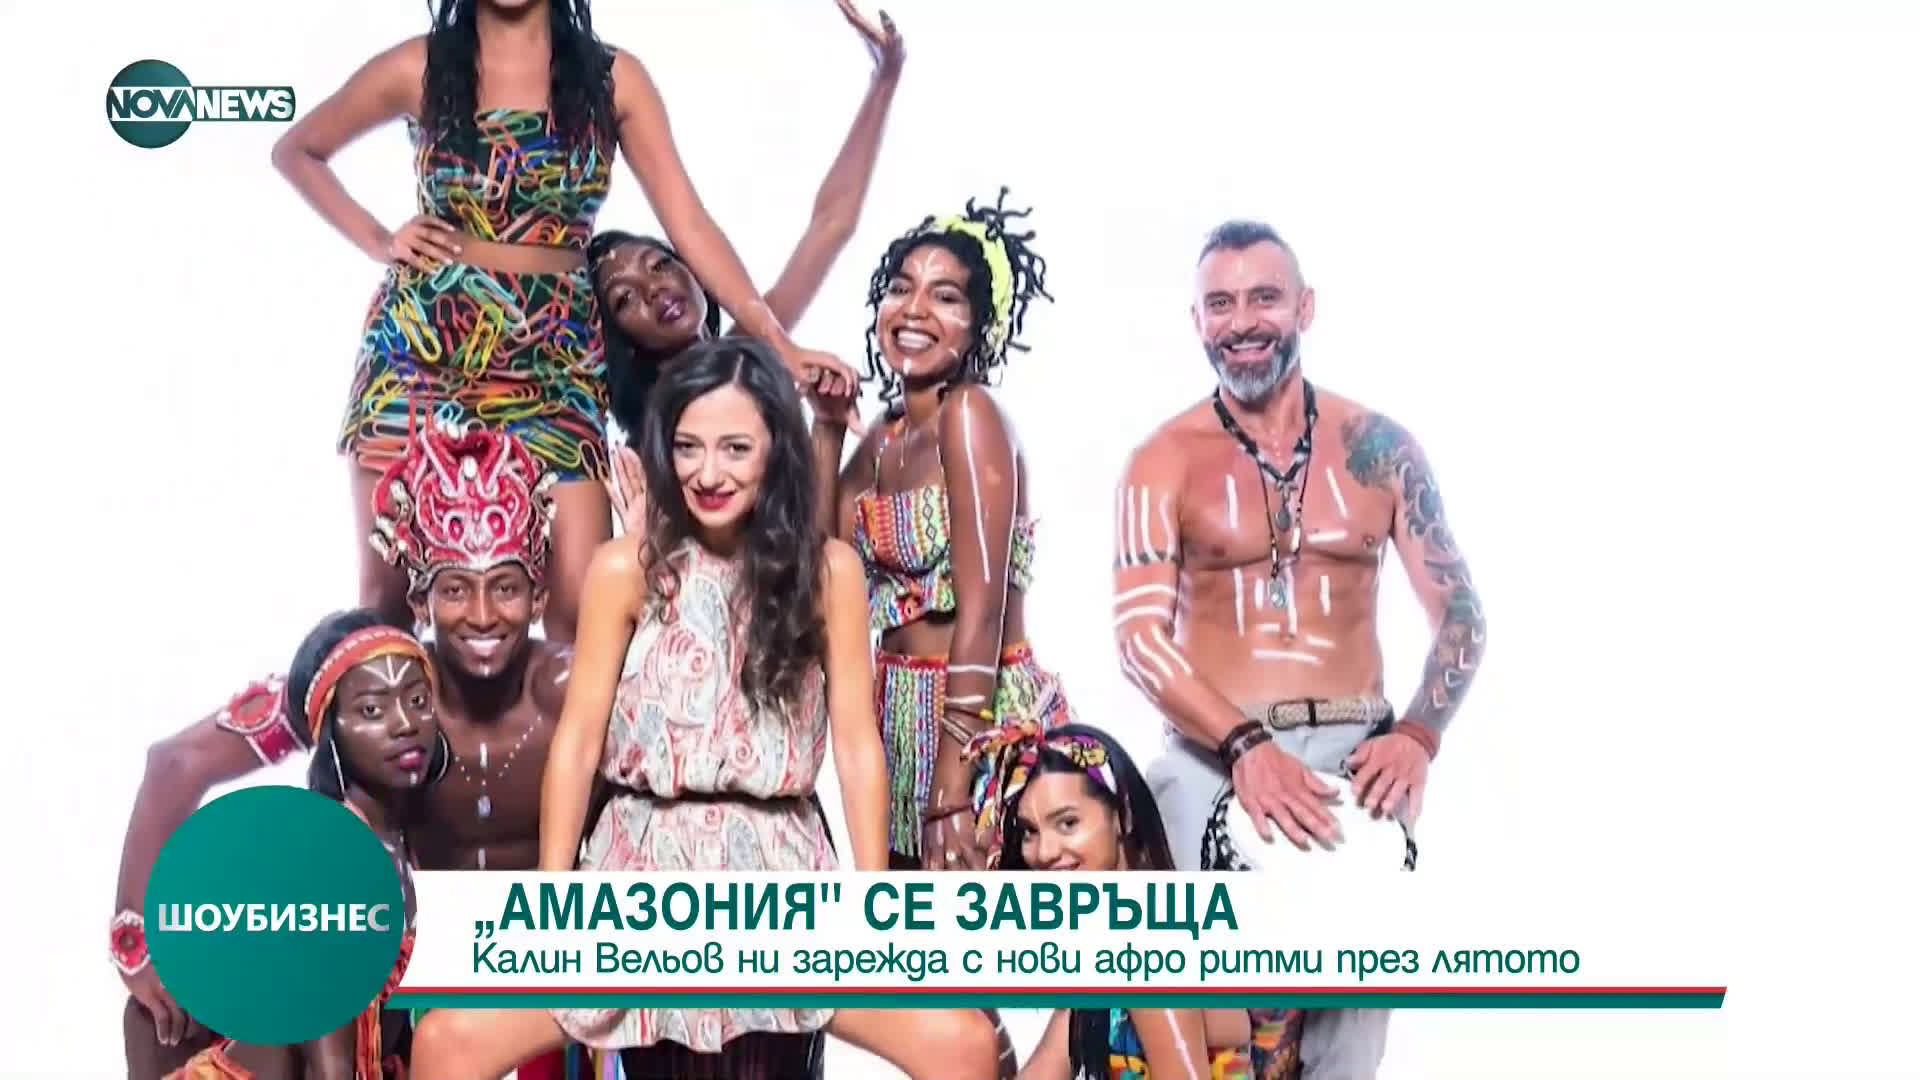 """Калин Вельов и проект """"Амазония"""" представят новия си афро спектакъл"""